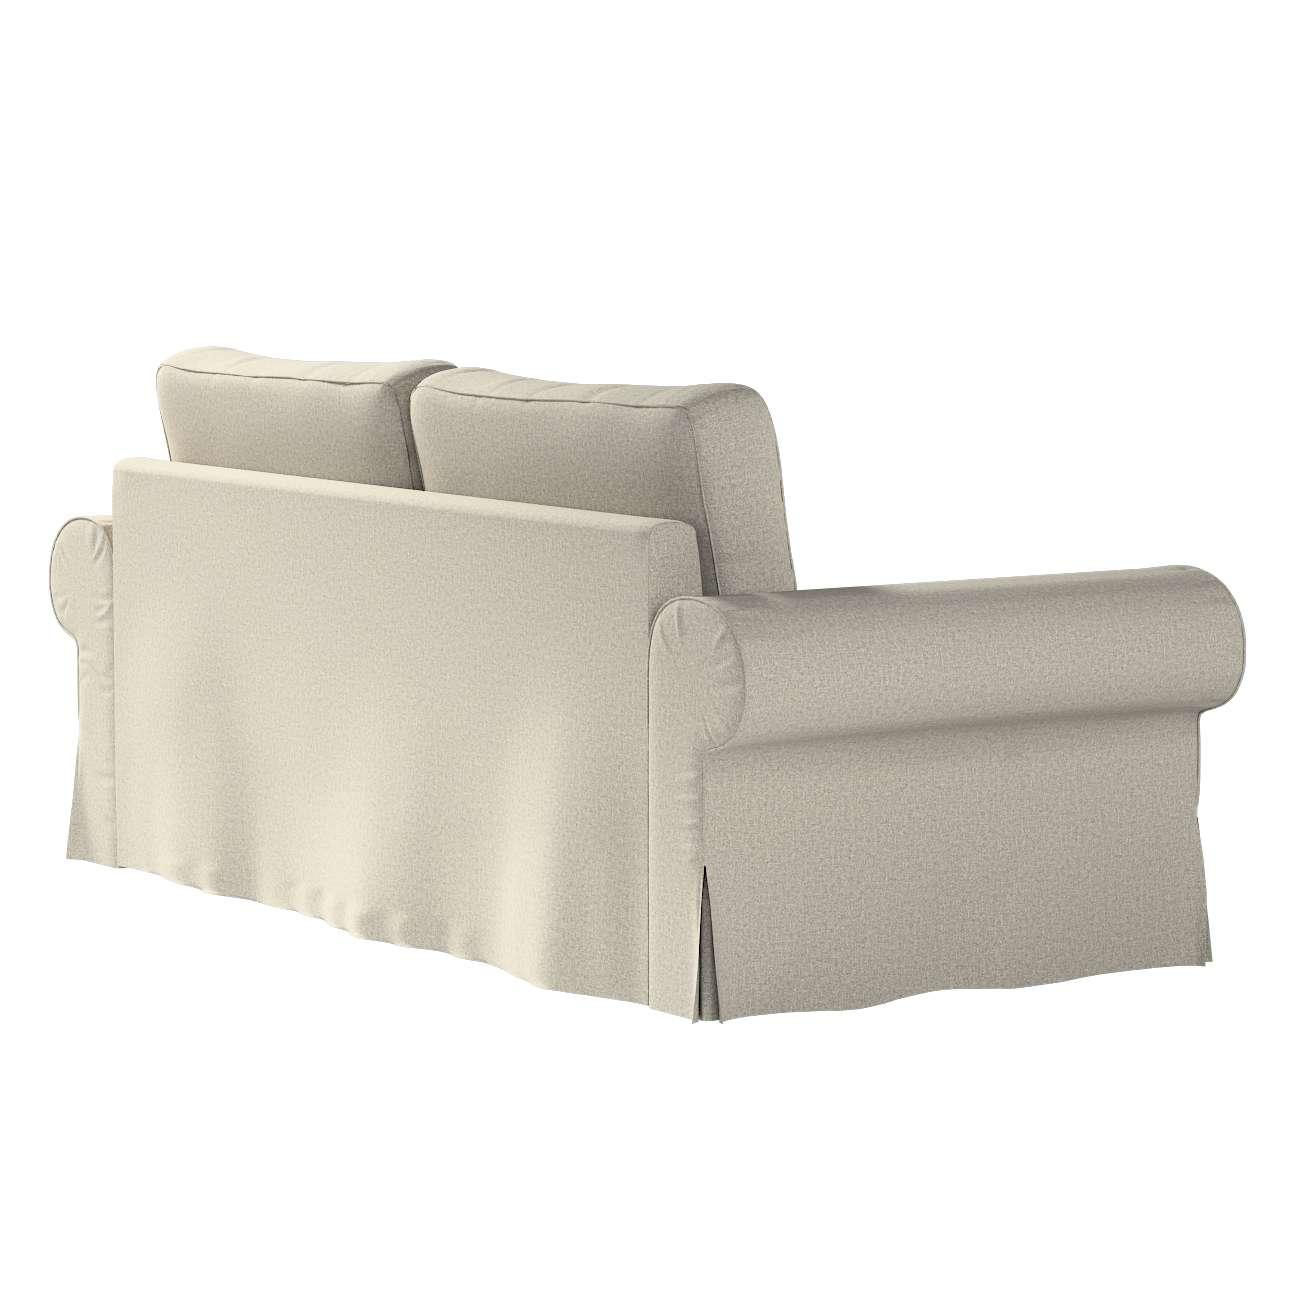 Pokrowiec na sofę Backabro 3-osobową rozkładaną w kolekcji Madrid, tkanina: 161-23